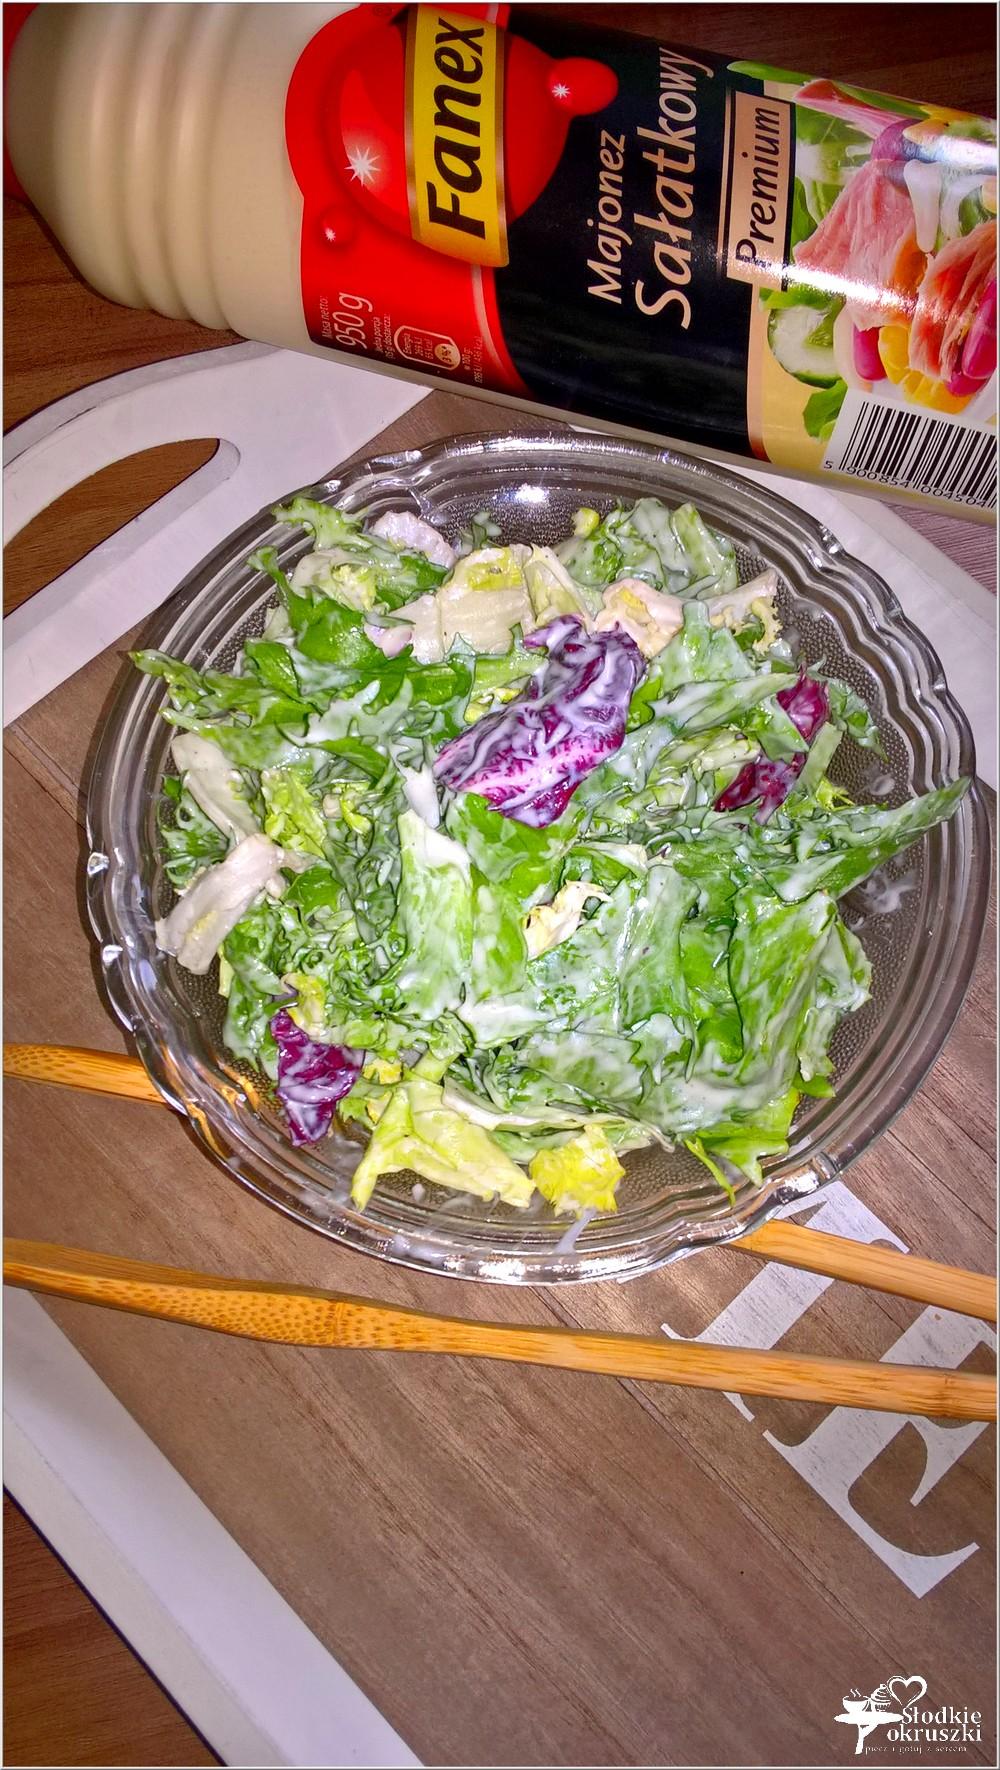 Szybka sałatka obiadowa (2)